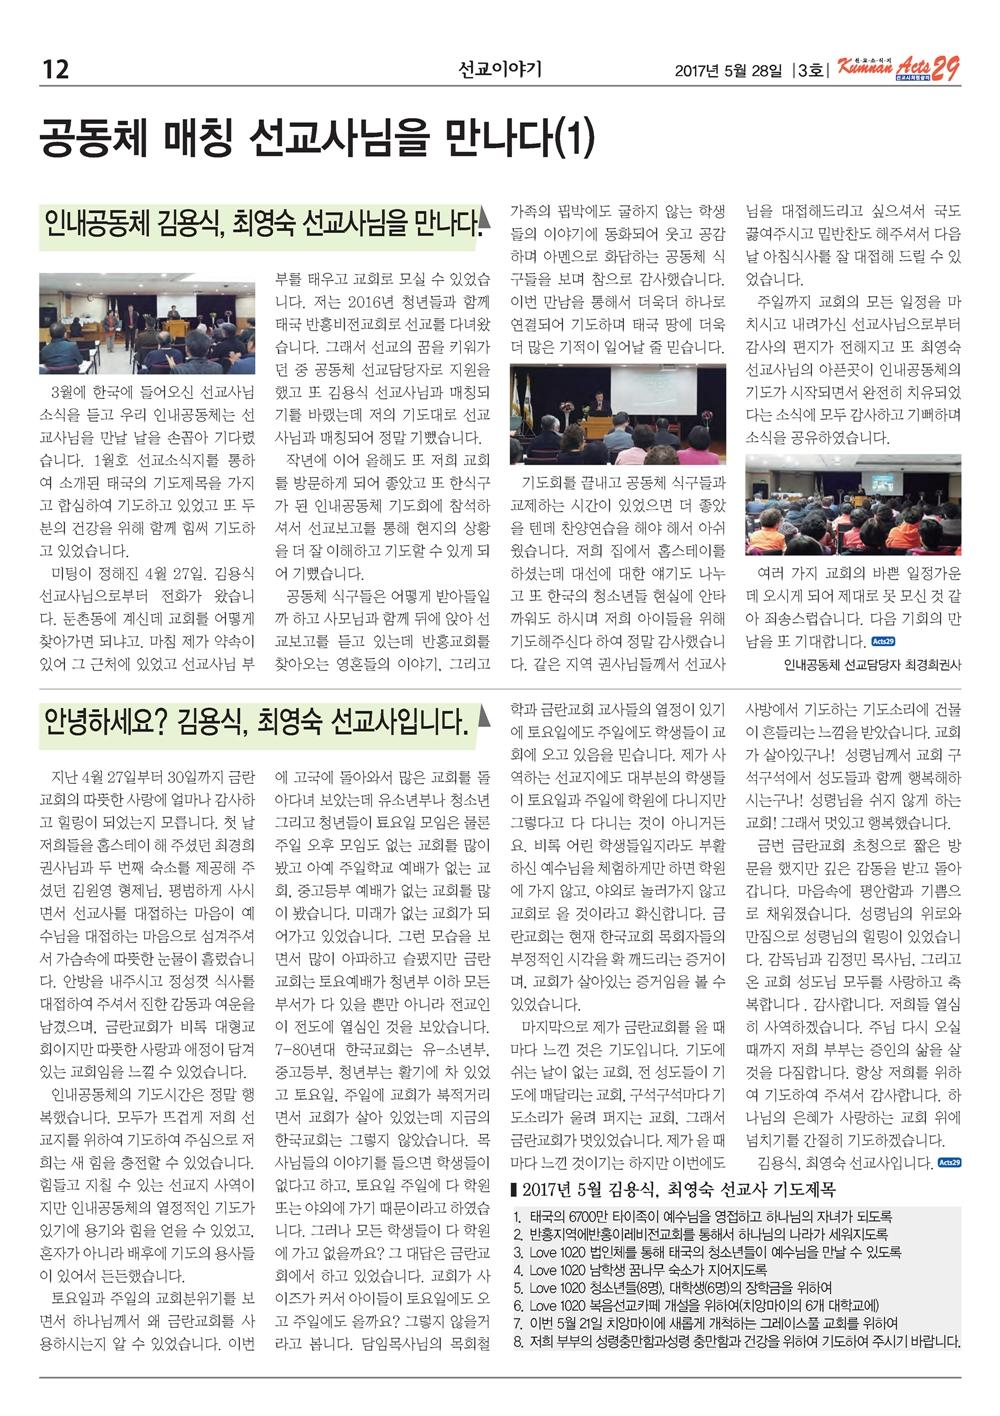 금란선교소식지 3월호_Page_12.jpg